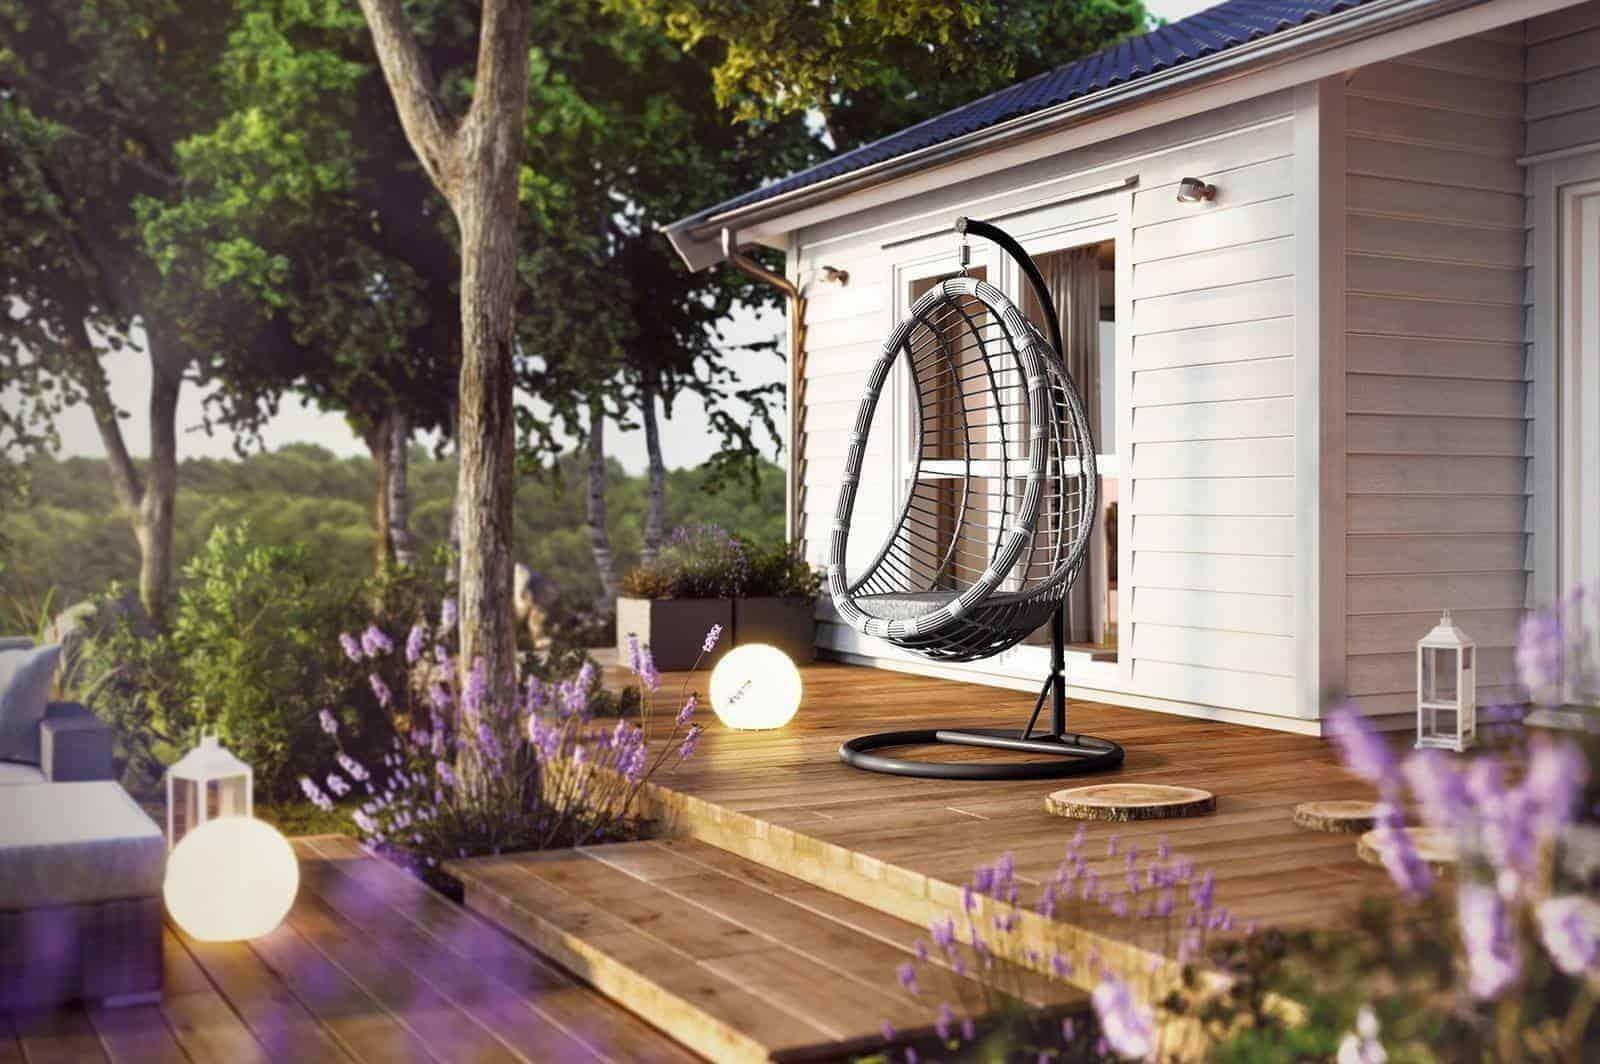 Fotel huśtawka – must have w modnym ogrodzie